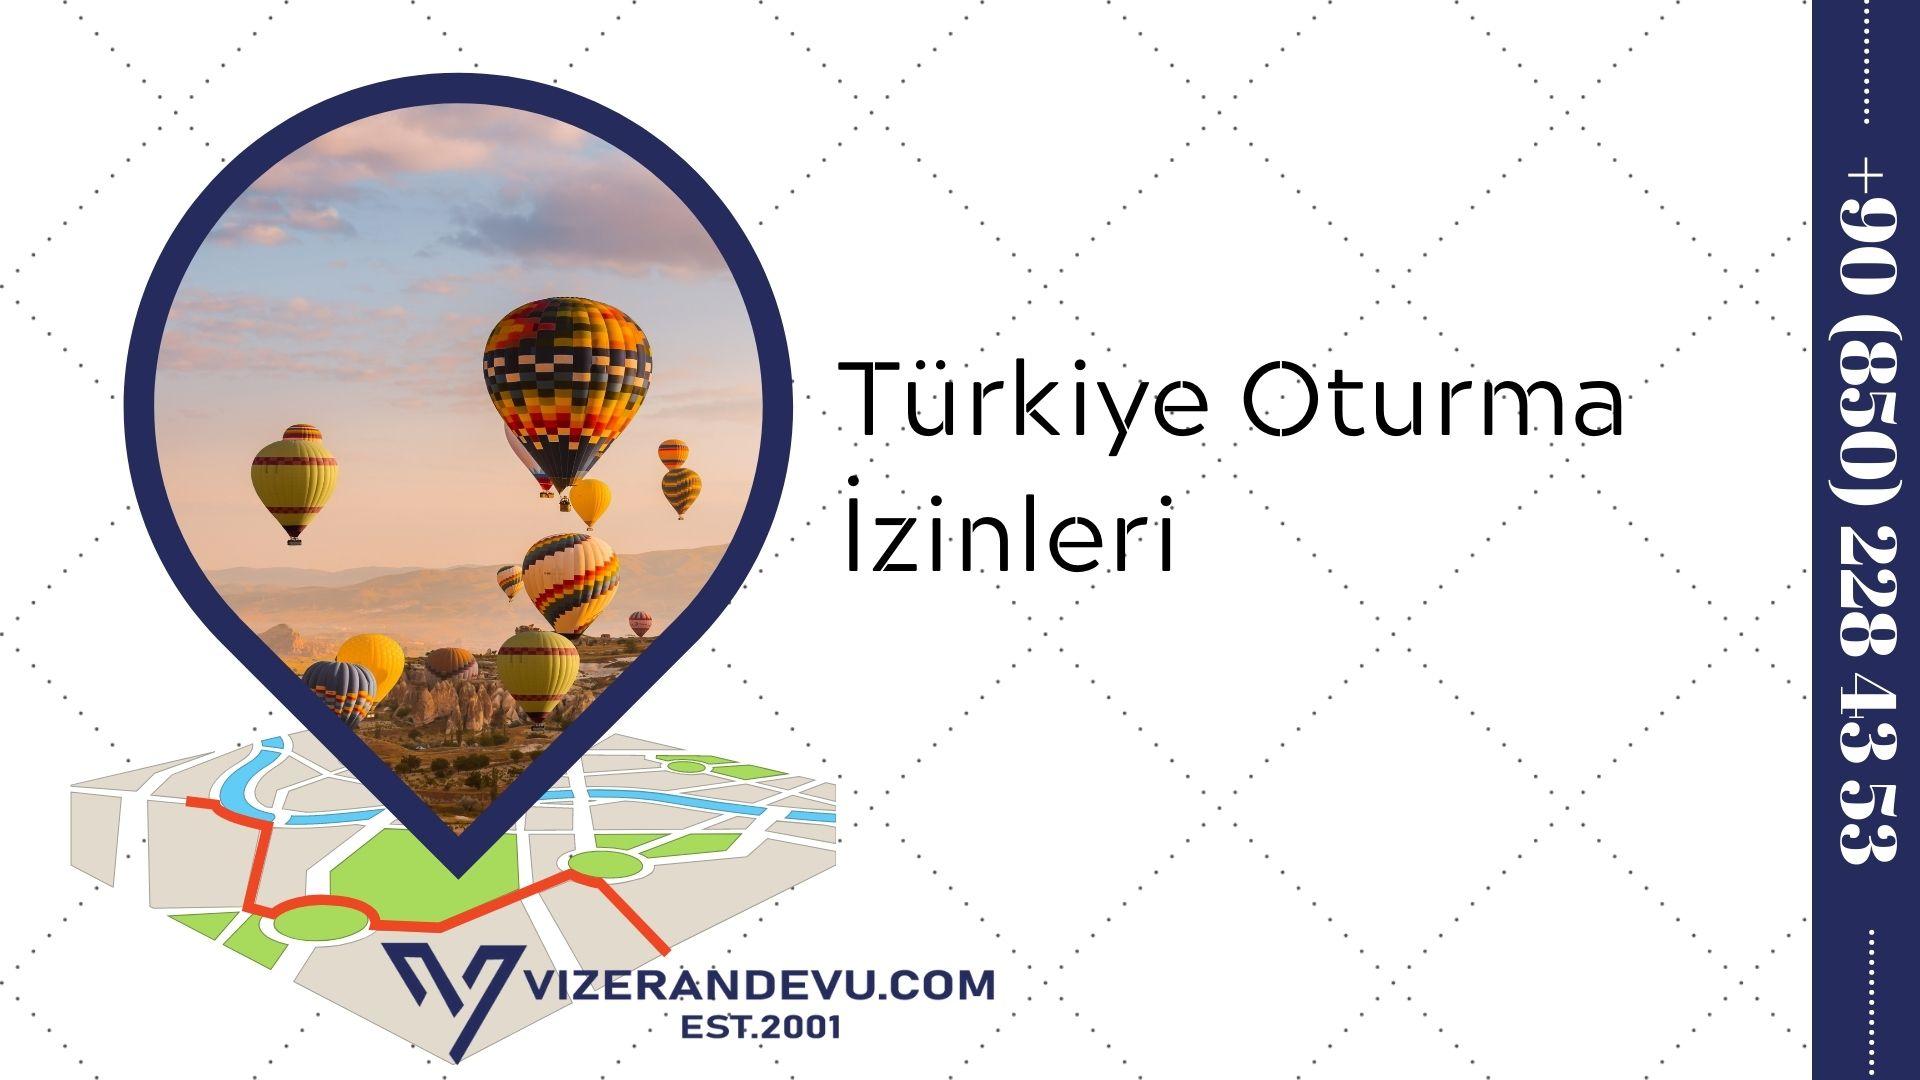 Türkiye Oturma İzinleri